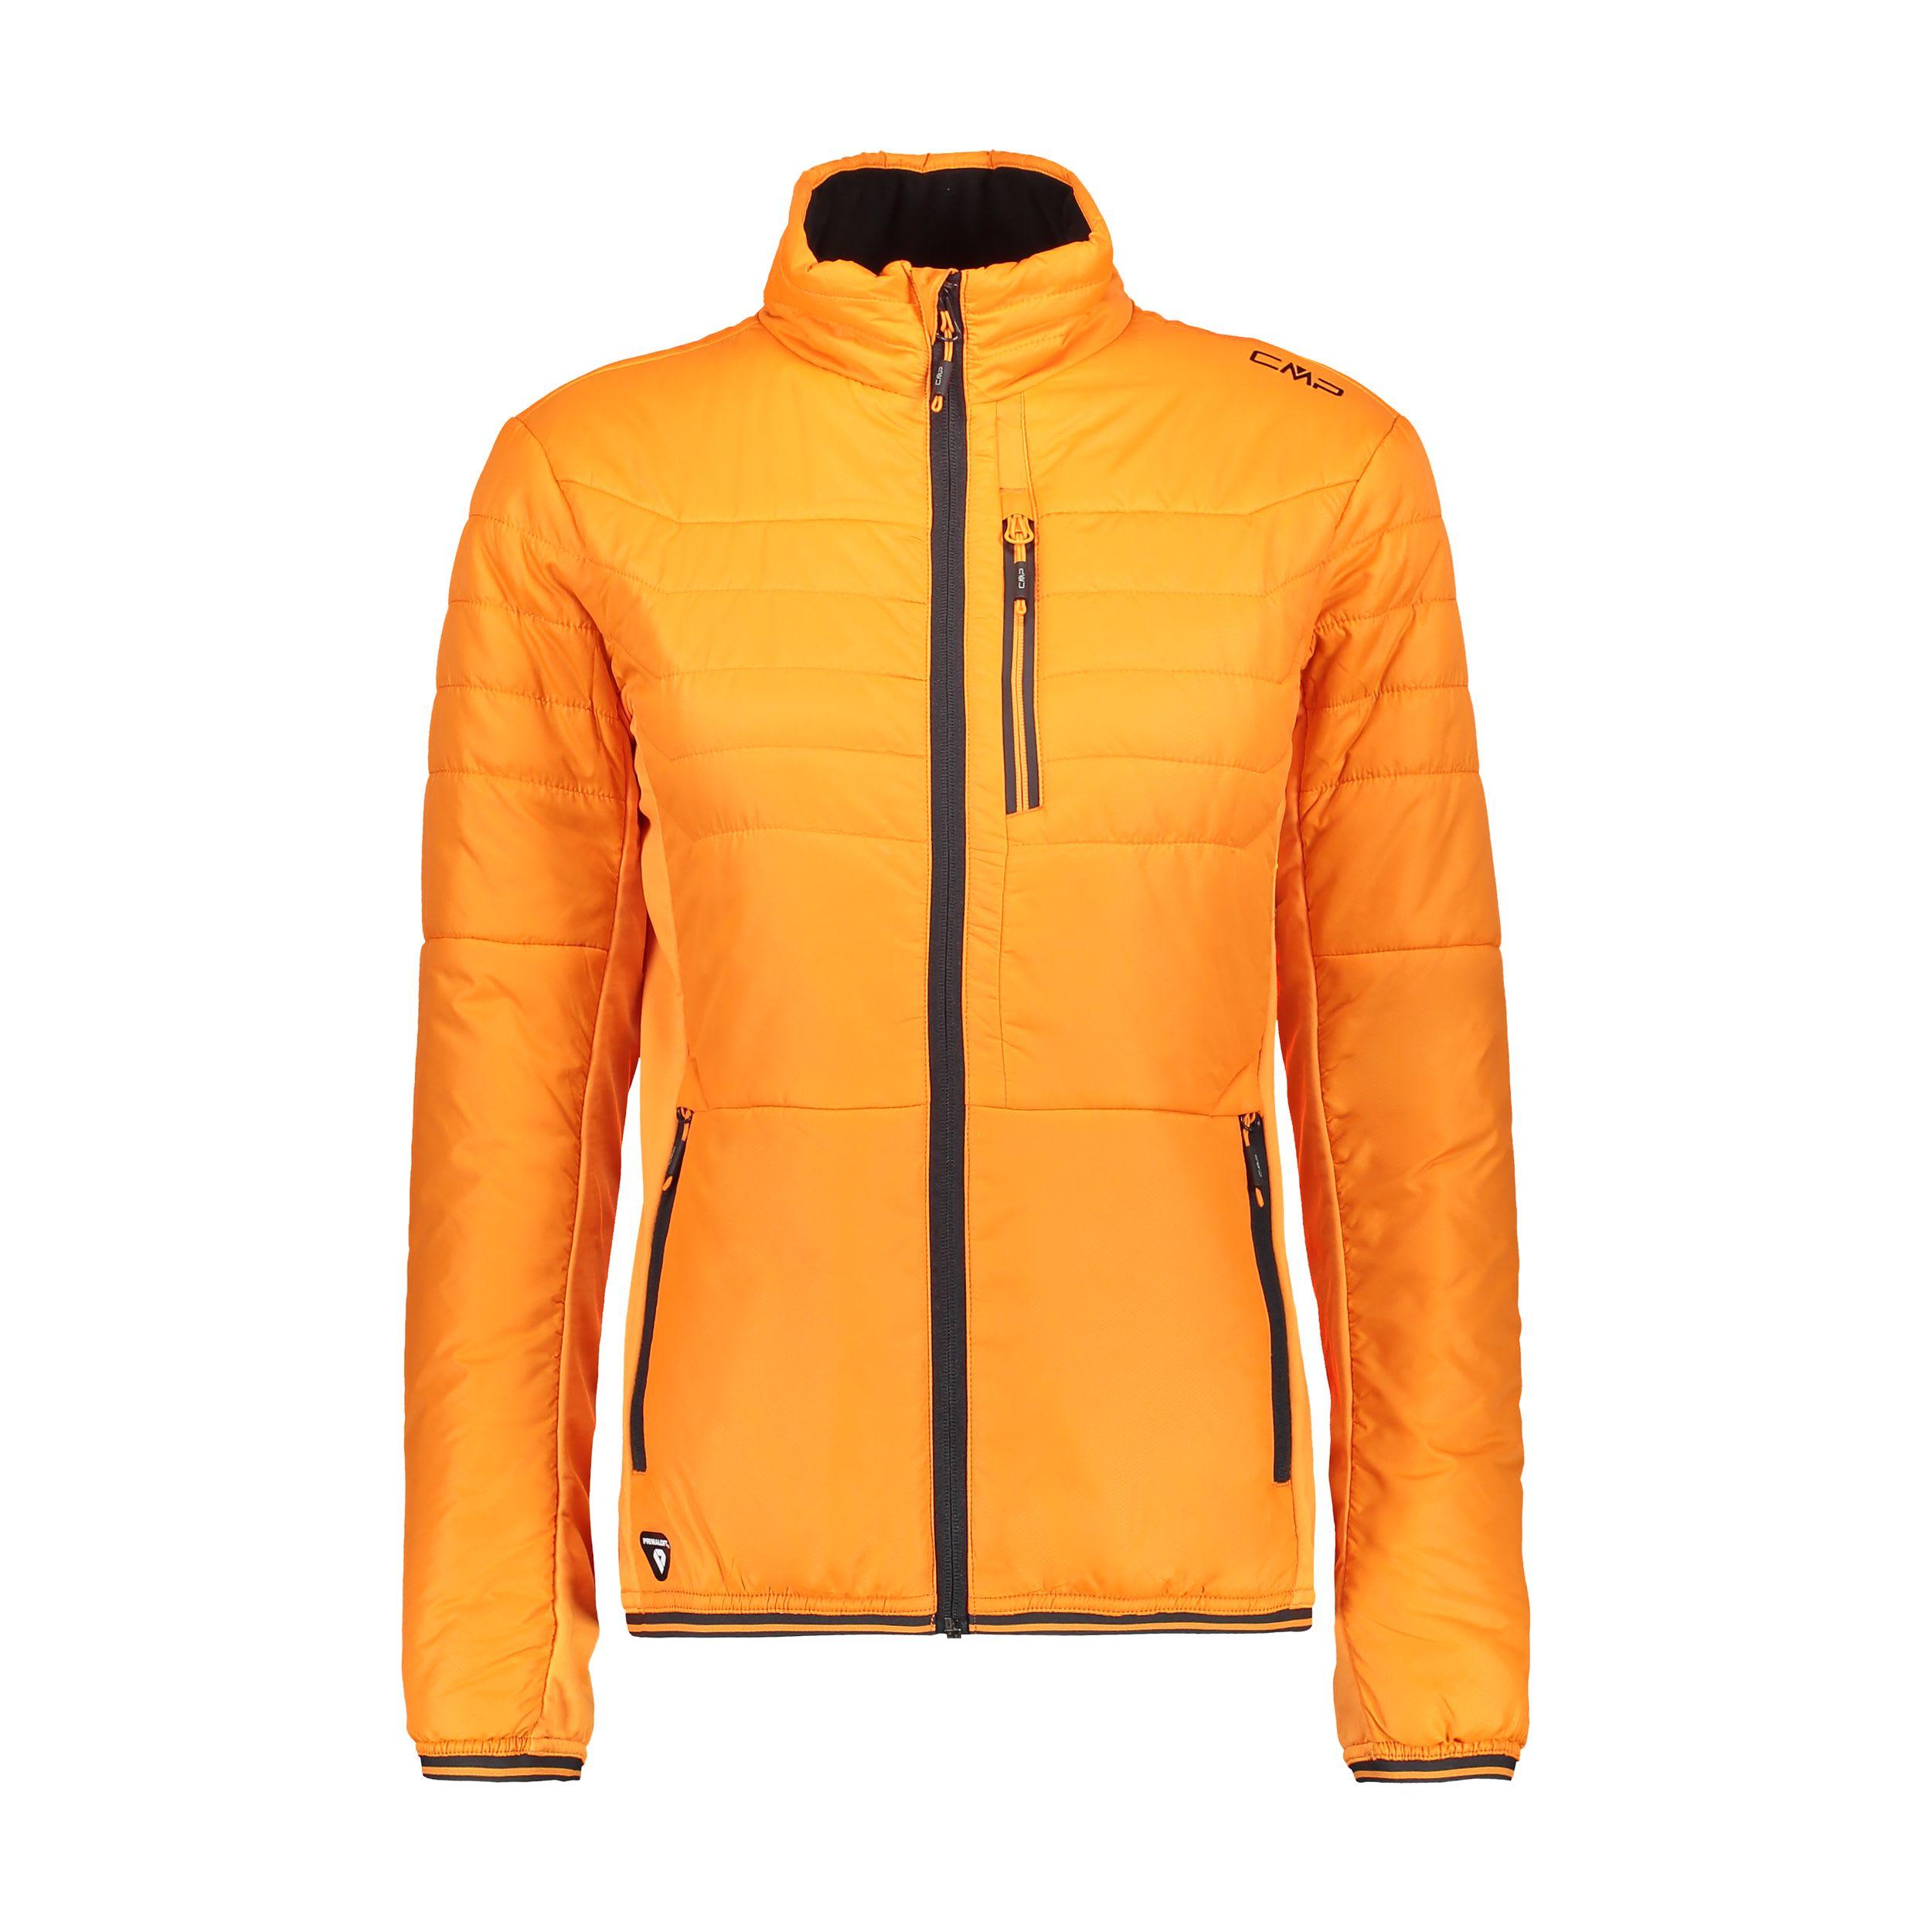 Kjøp CMP Woman Jacket (39Z1786) fra Outnorth